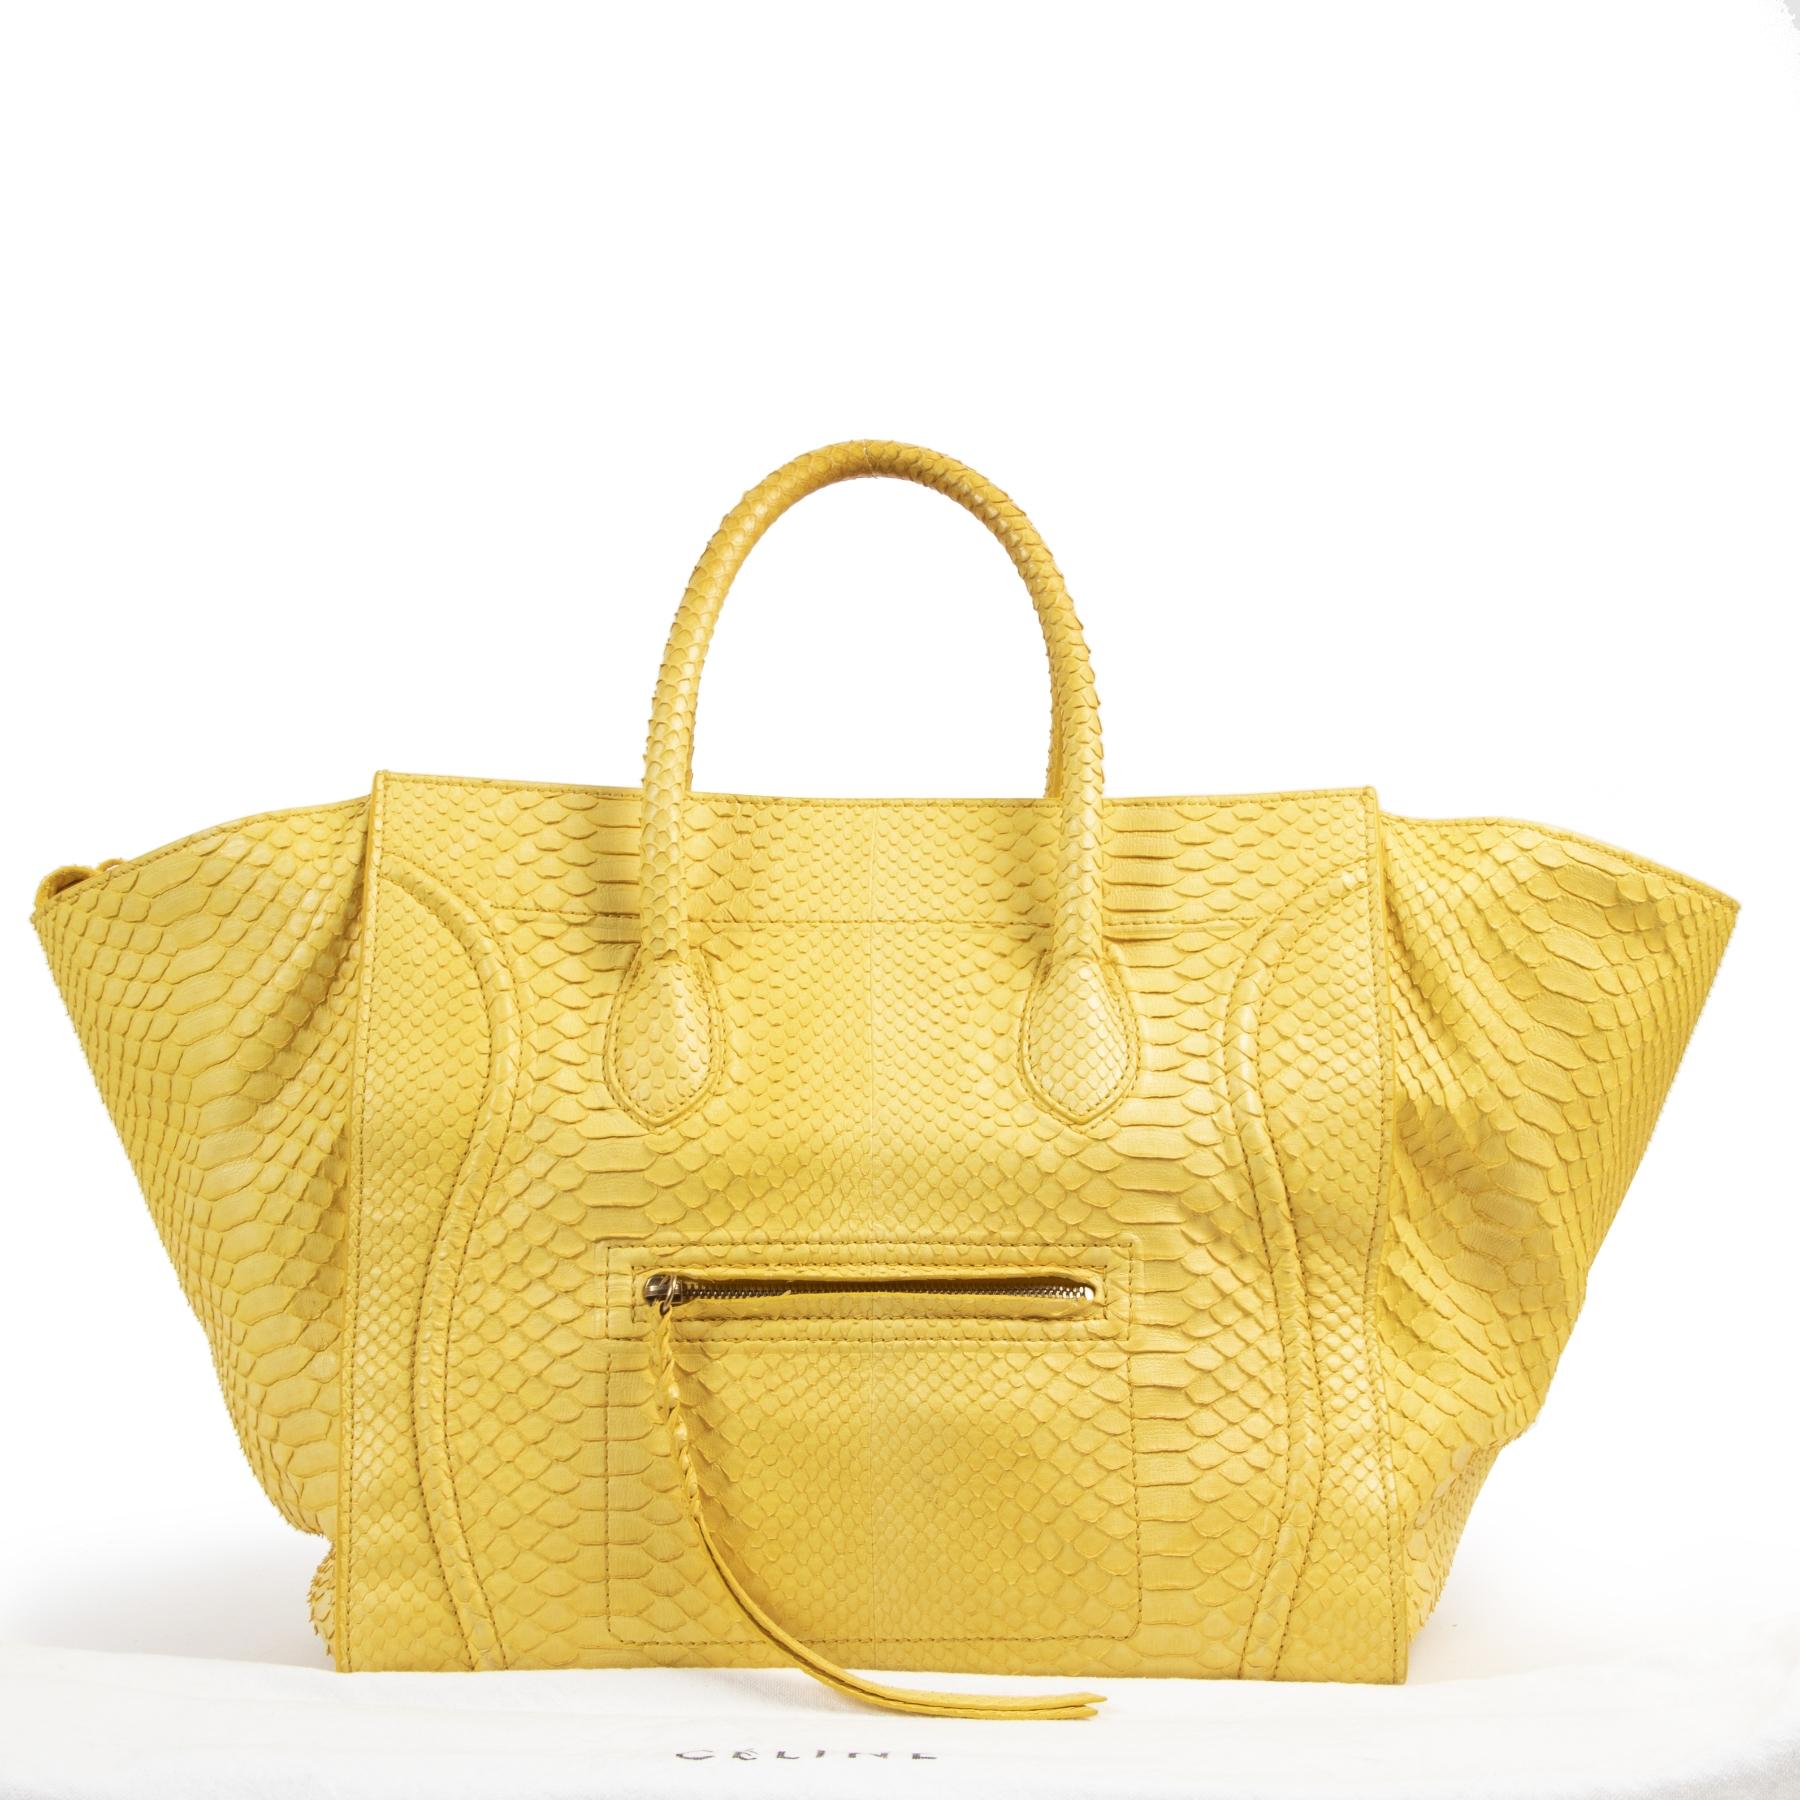 Desiginer vintage handbags luxury items LabelLOV Antwero